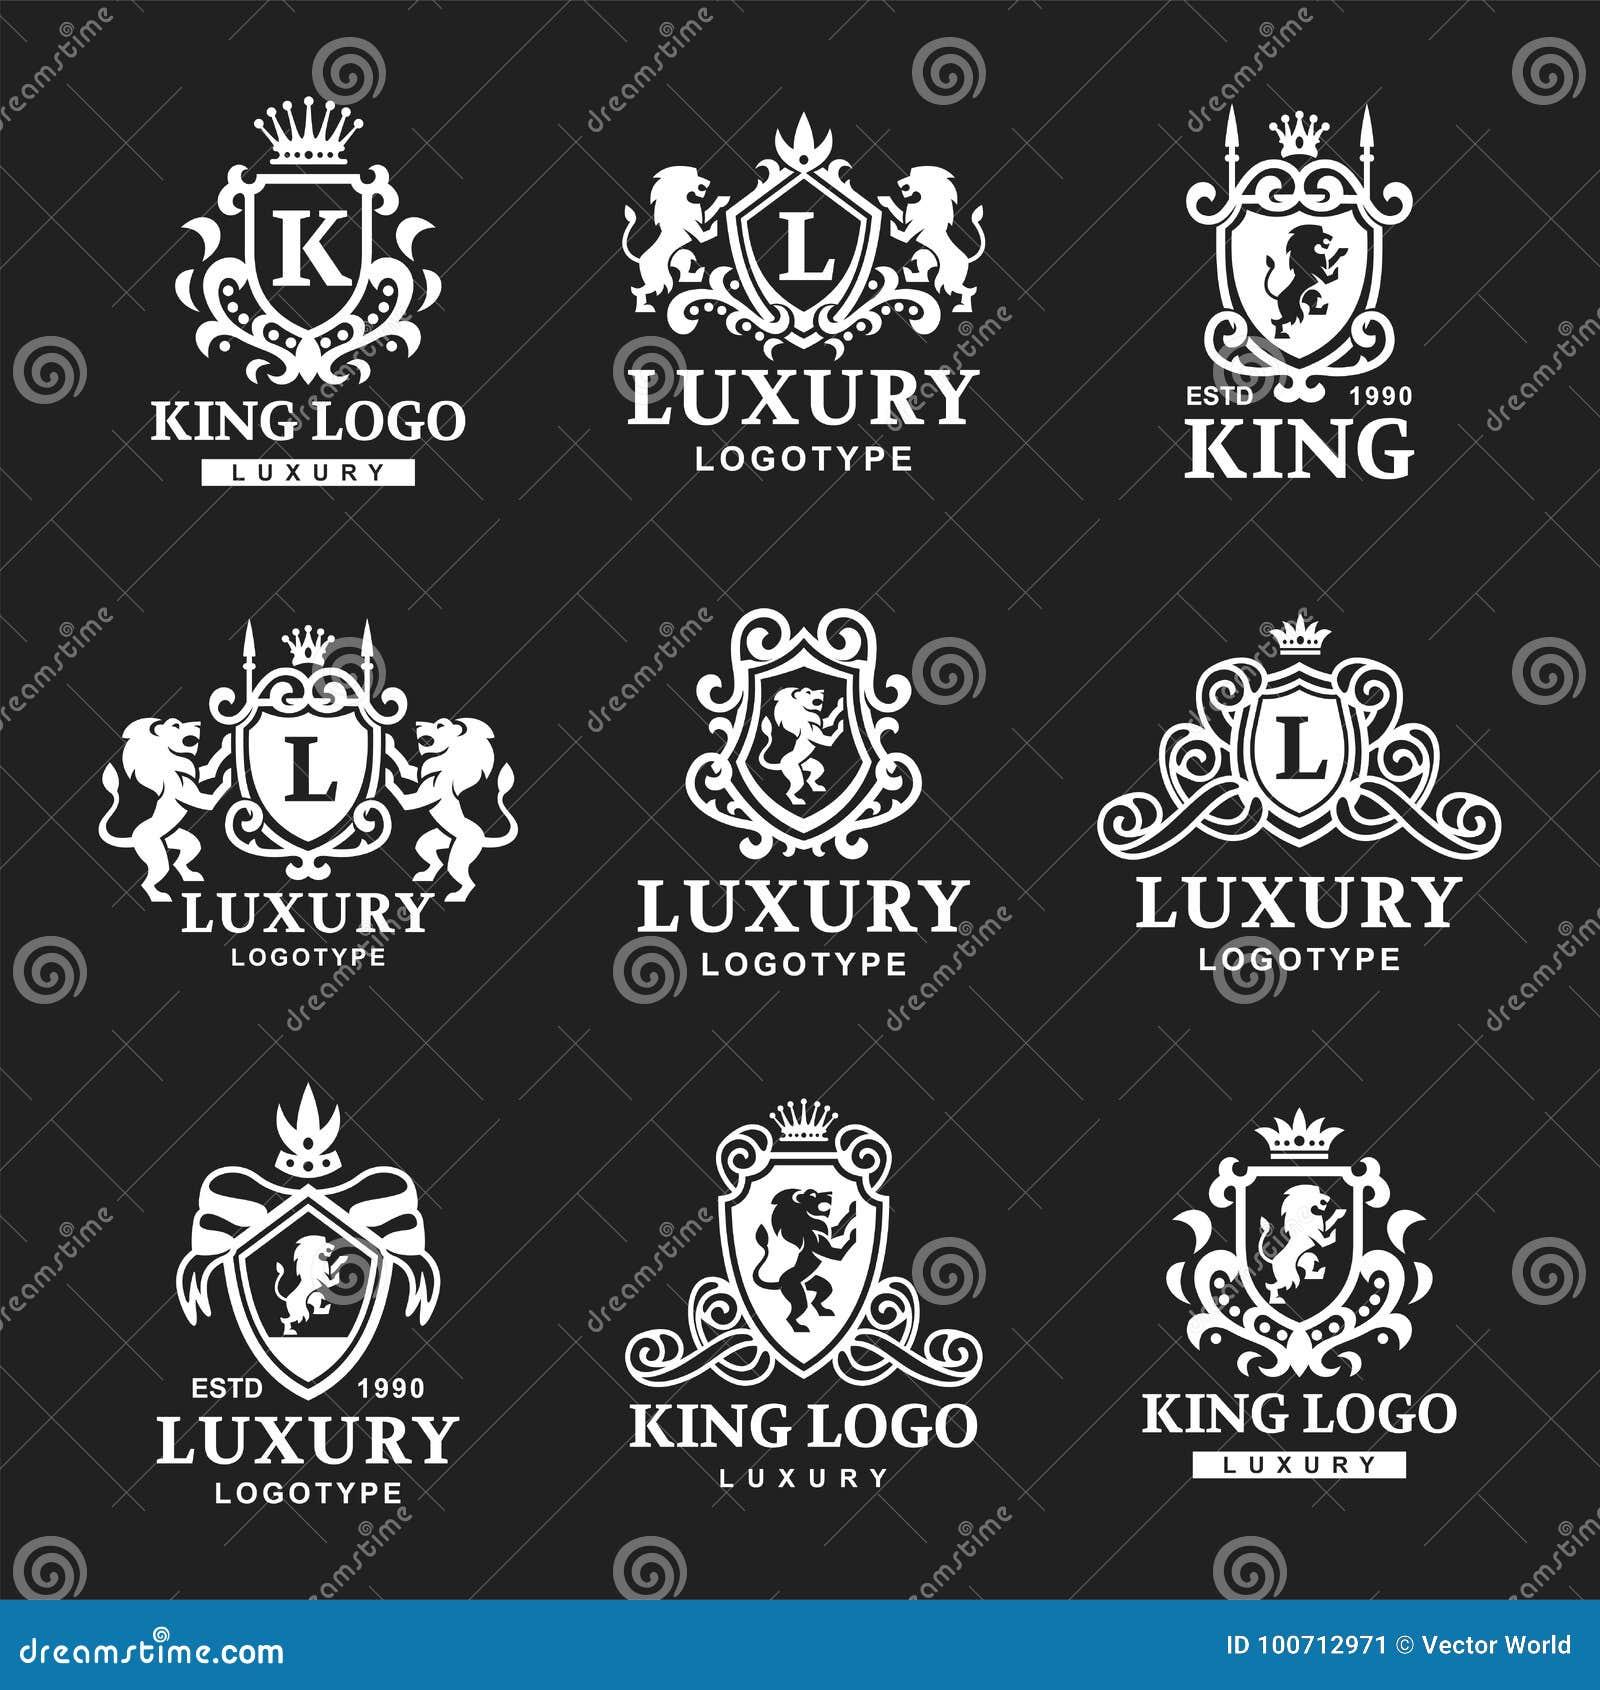 Ilustração de alta qualidade do vetor da identidade de marca da coleção do logotipo da heráldica do produto do vintage da crista